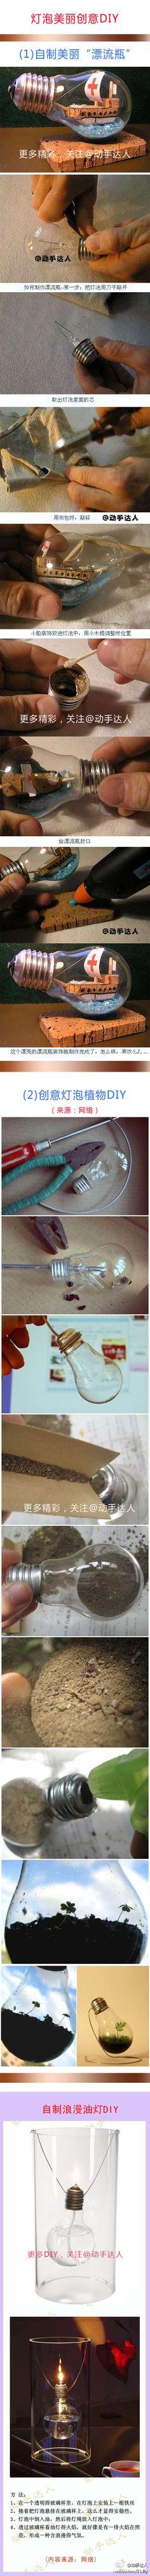 Recicla ampolletas